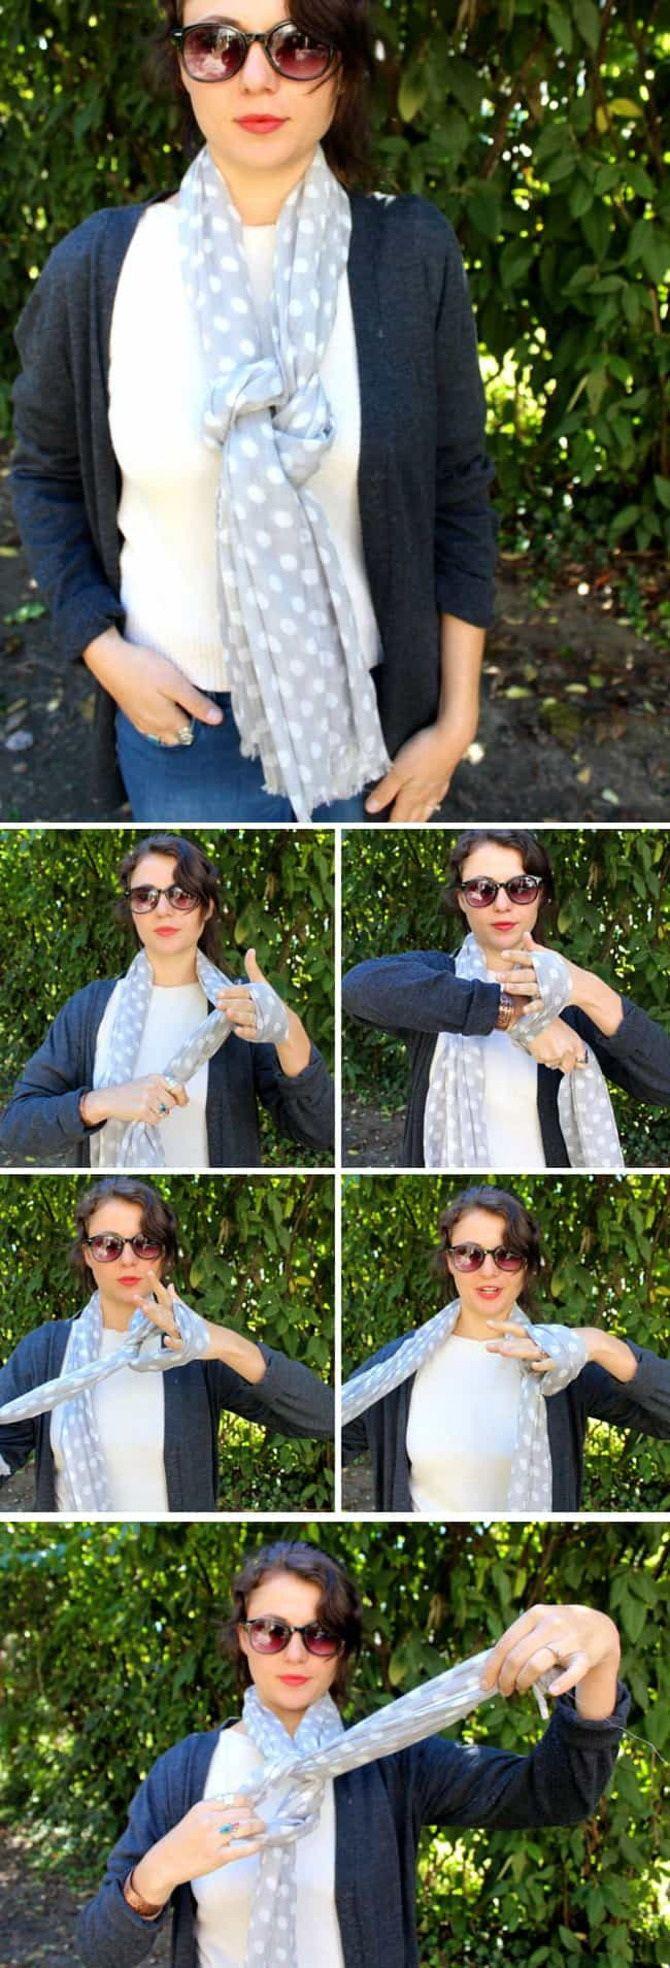 Як гарно зав'язати шарф: 19 найкращих способів 8